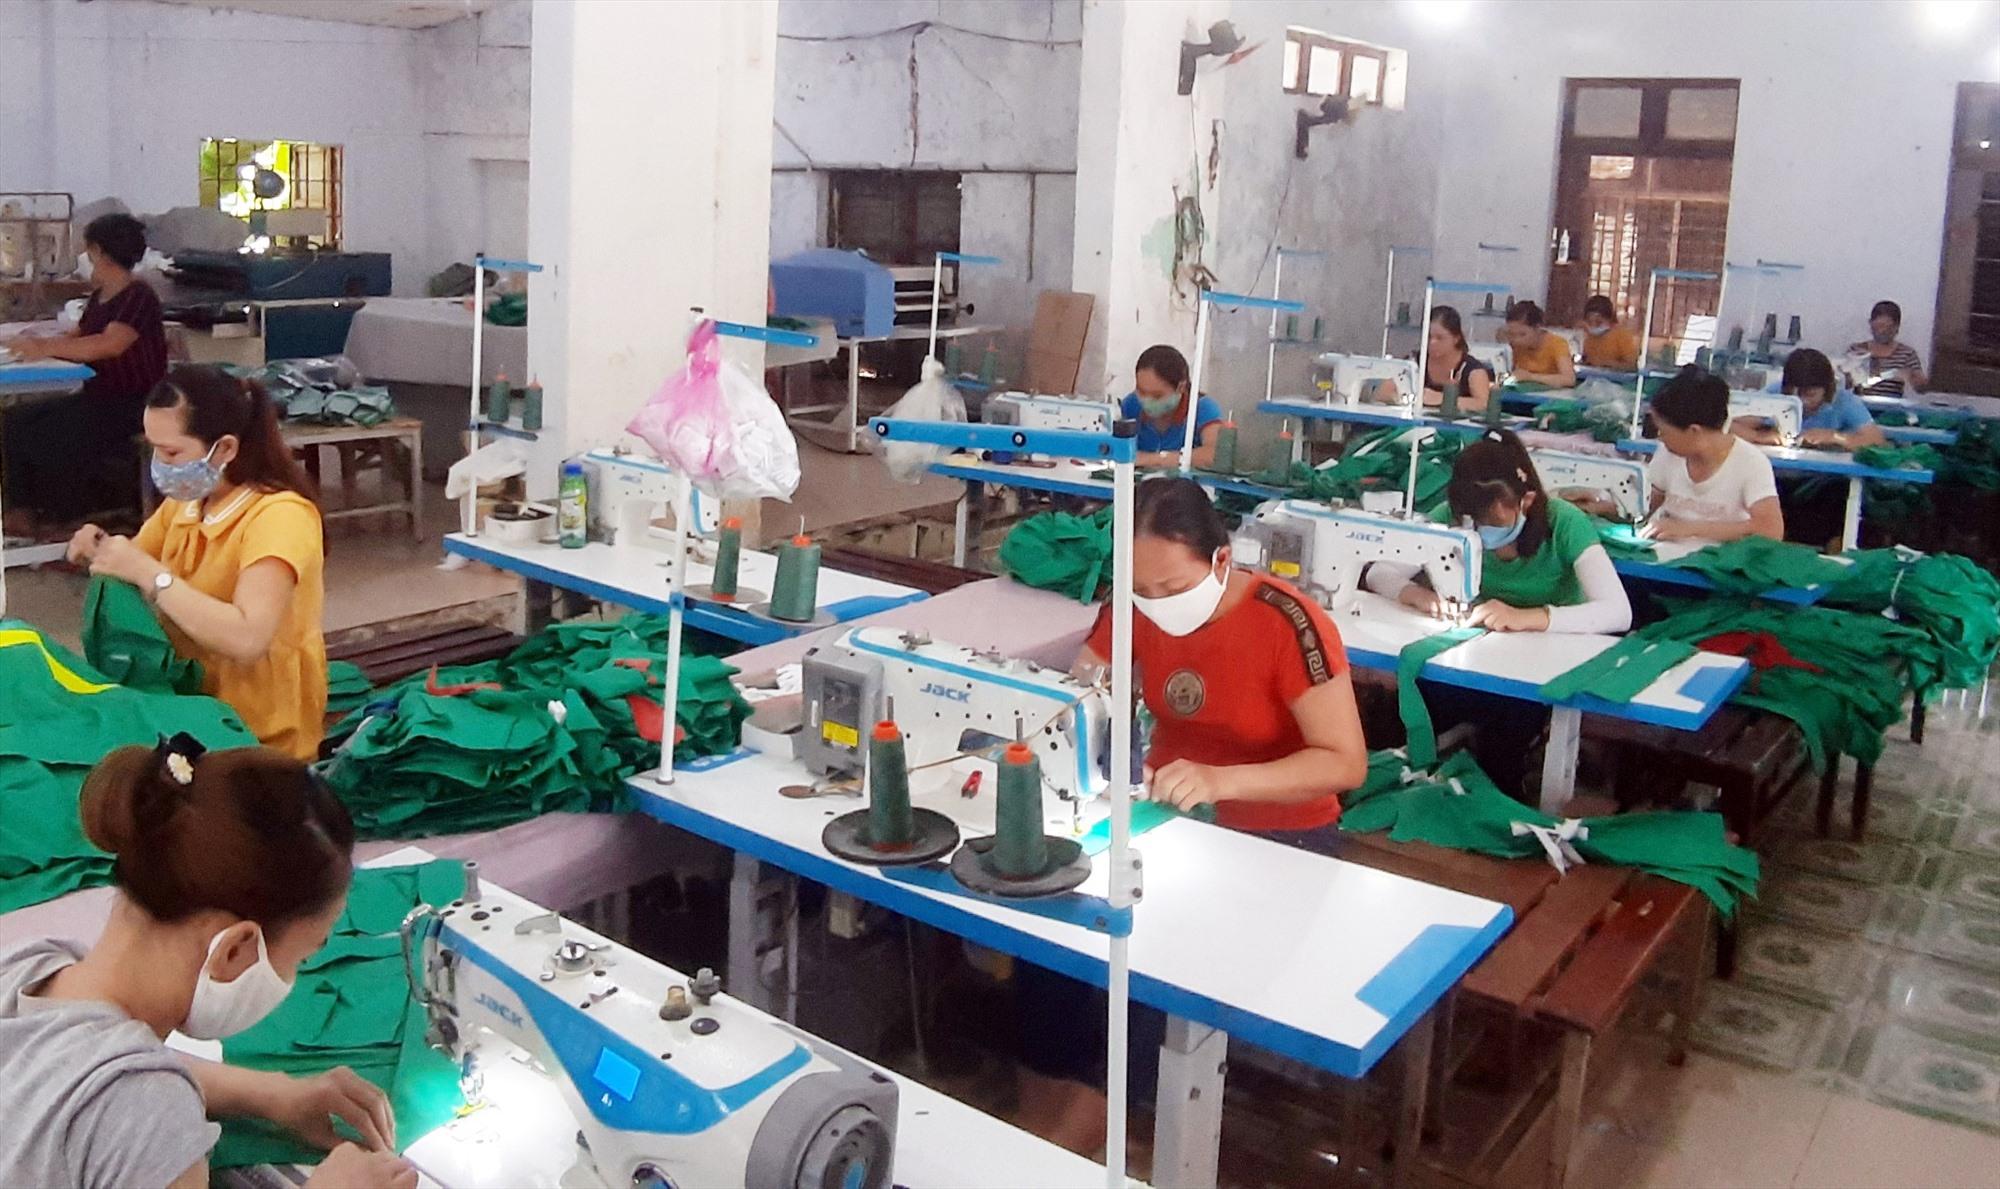 Lĩnh vực công nghiệp phát triển mạnh đã tạo công ăn việc làm ổn định cho rất nhiều lao động của xã Duy Hòa. Ảnh: T.P